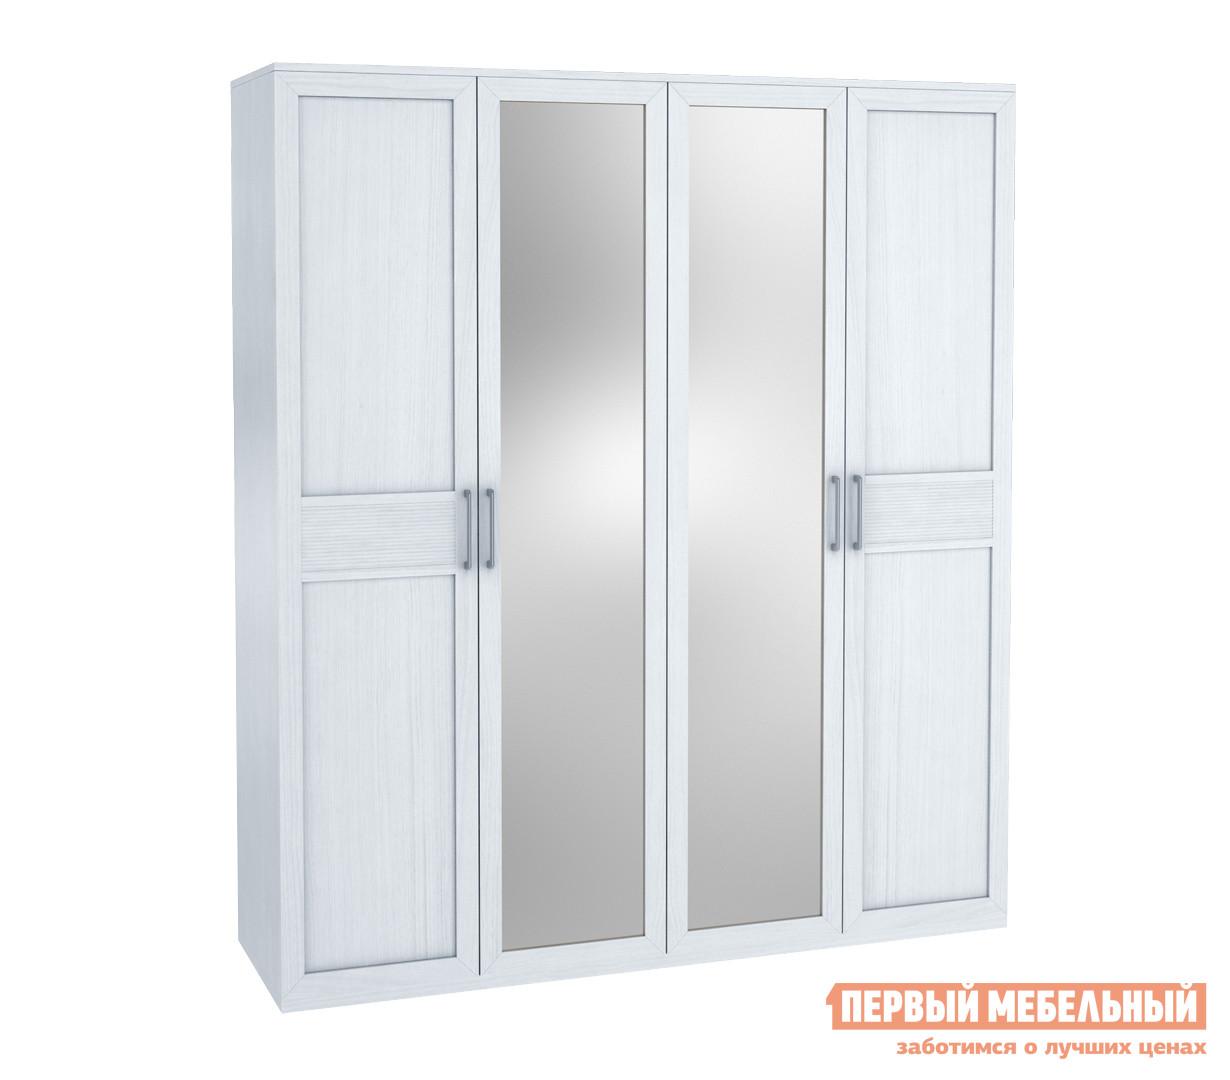 Шкаф 4-х дверный с зеркалом Первый Мебельный Капри Ш4